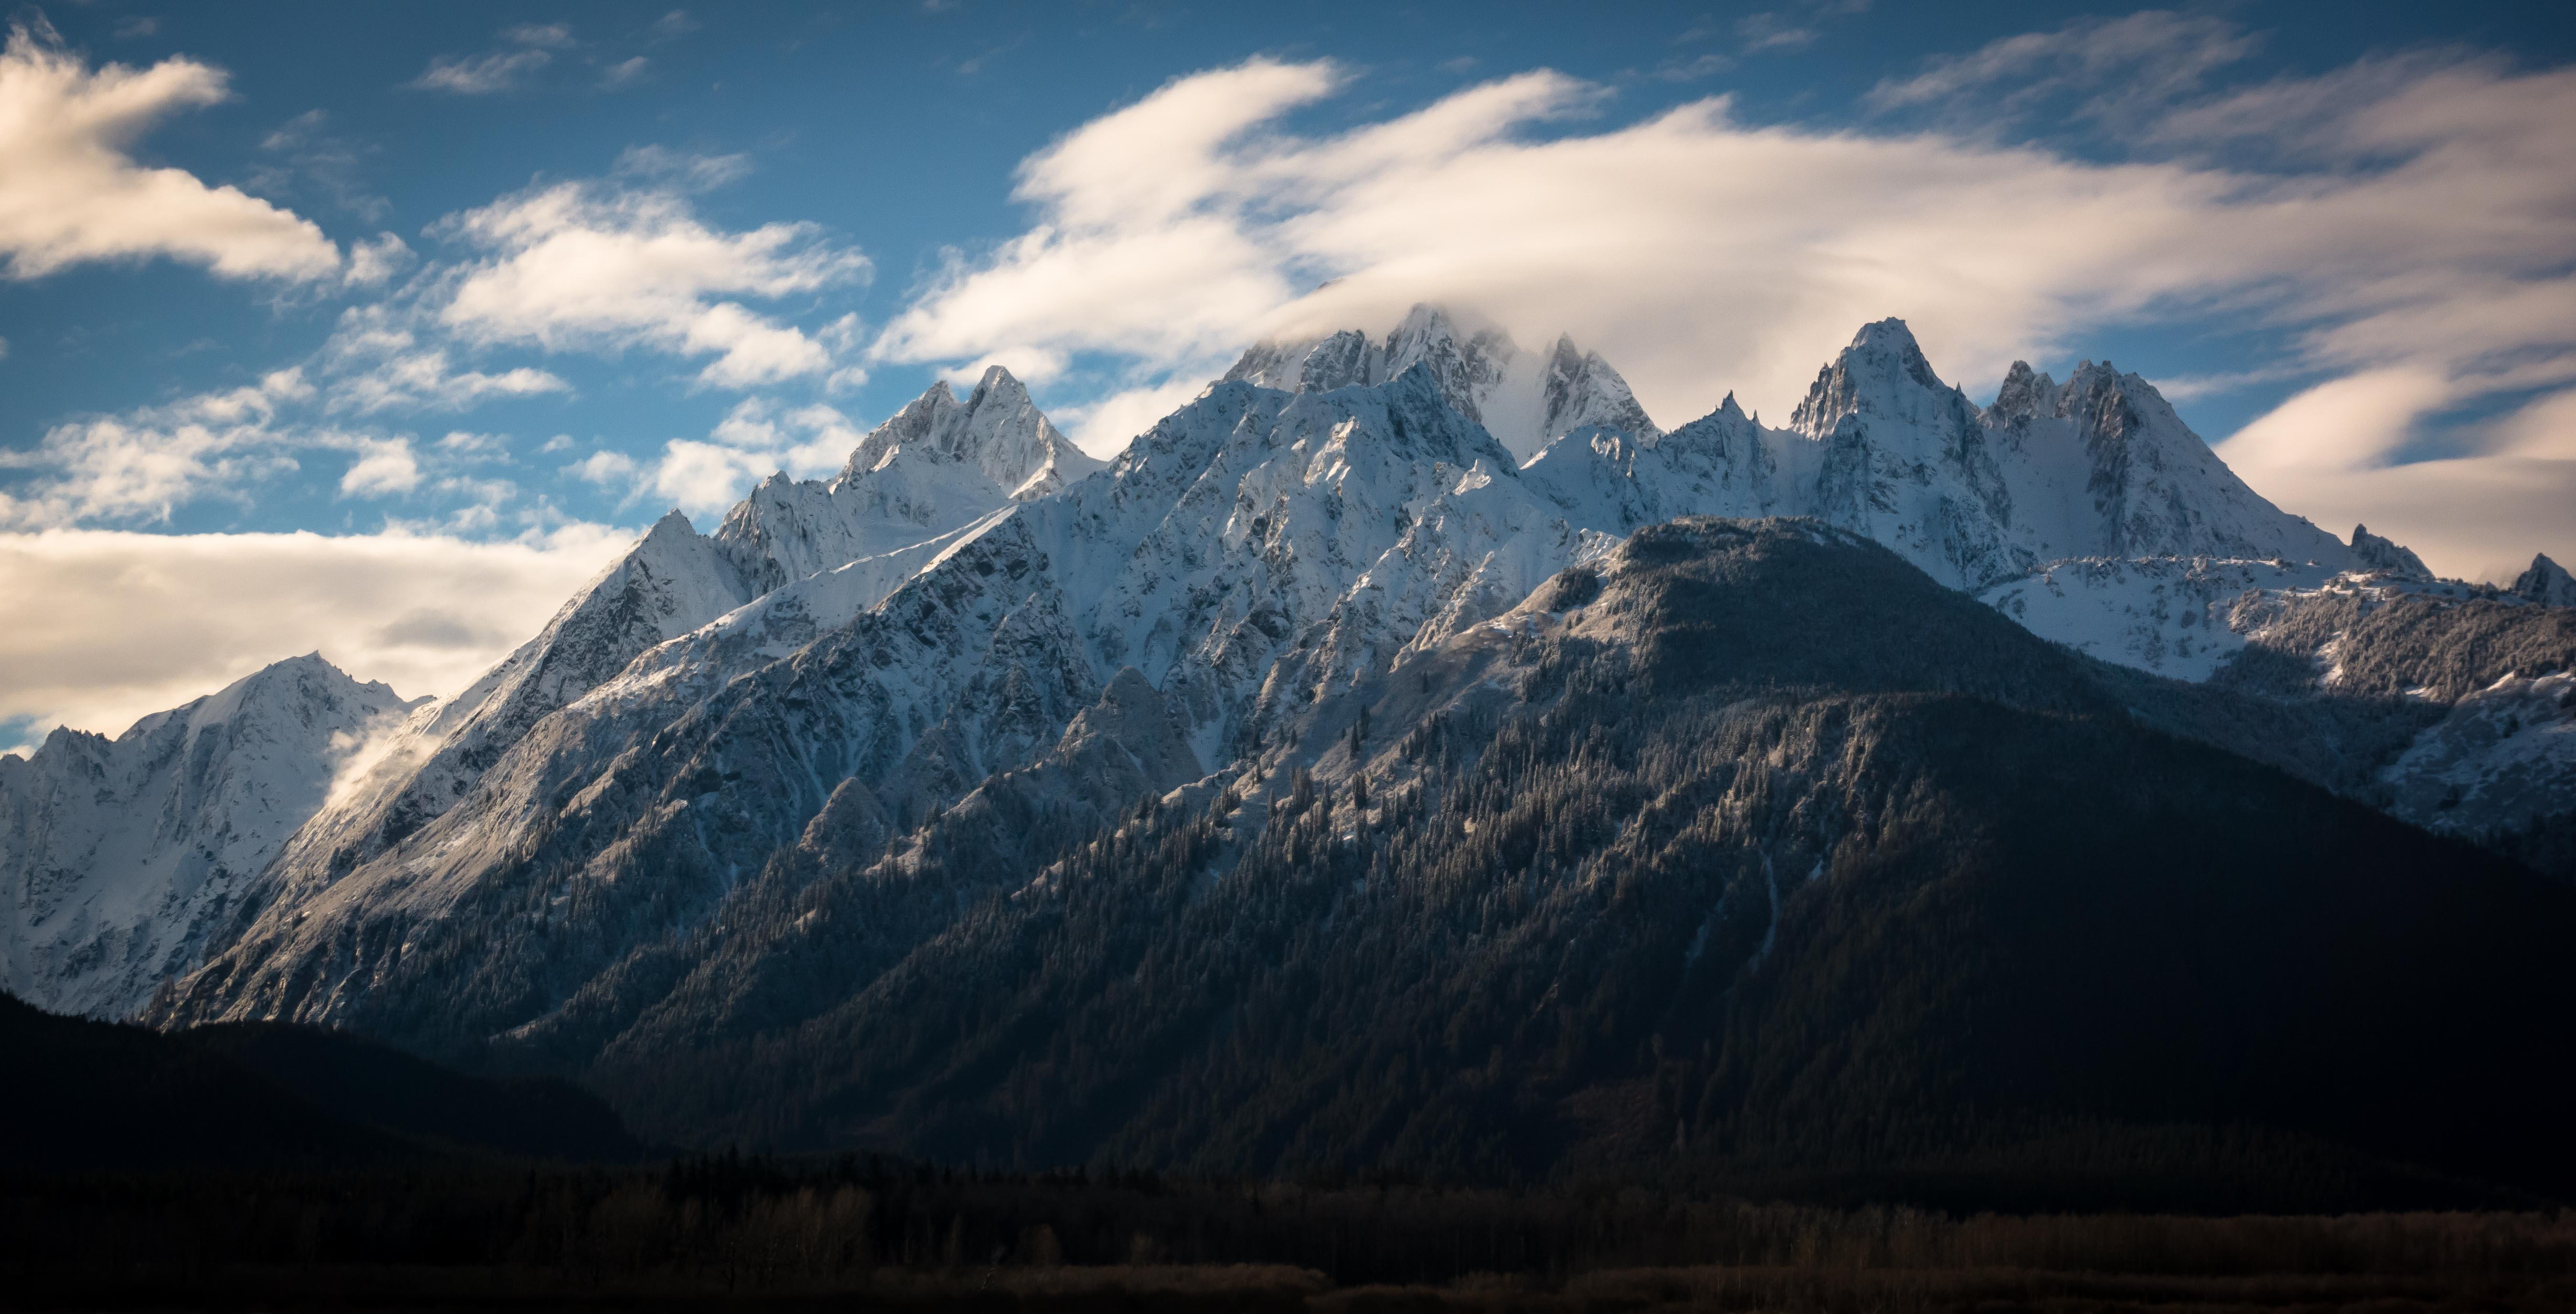 alaska-wilderness-jagged-mountains